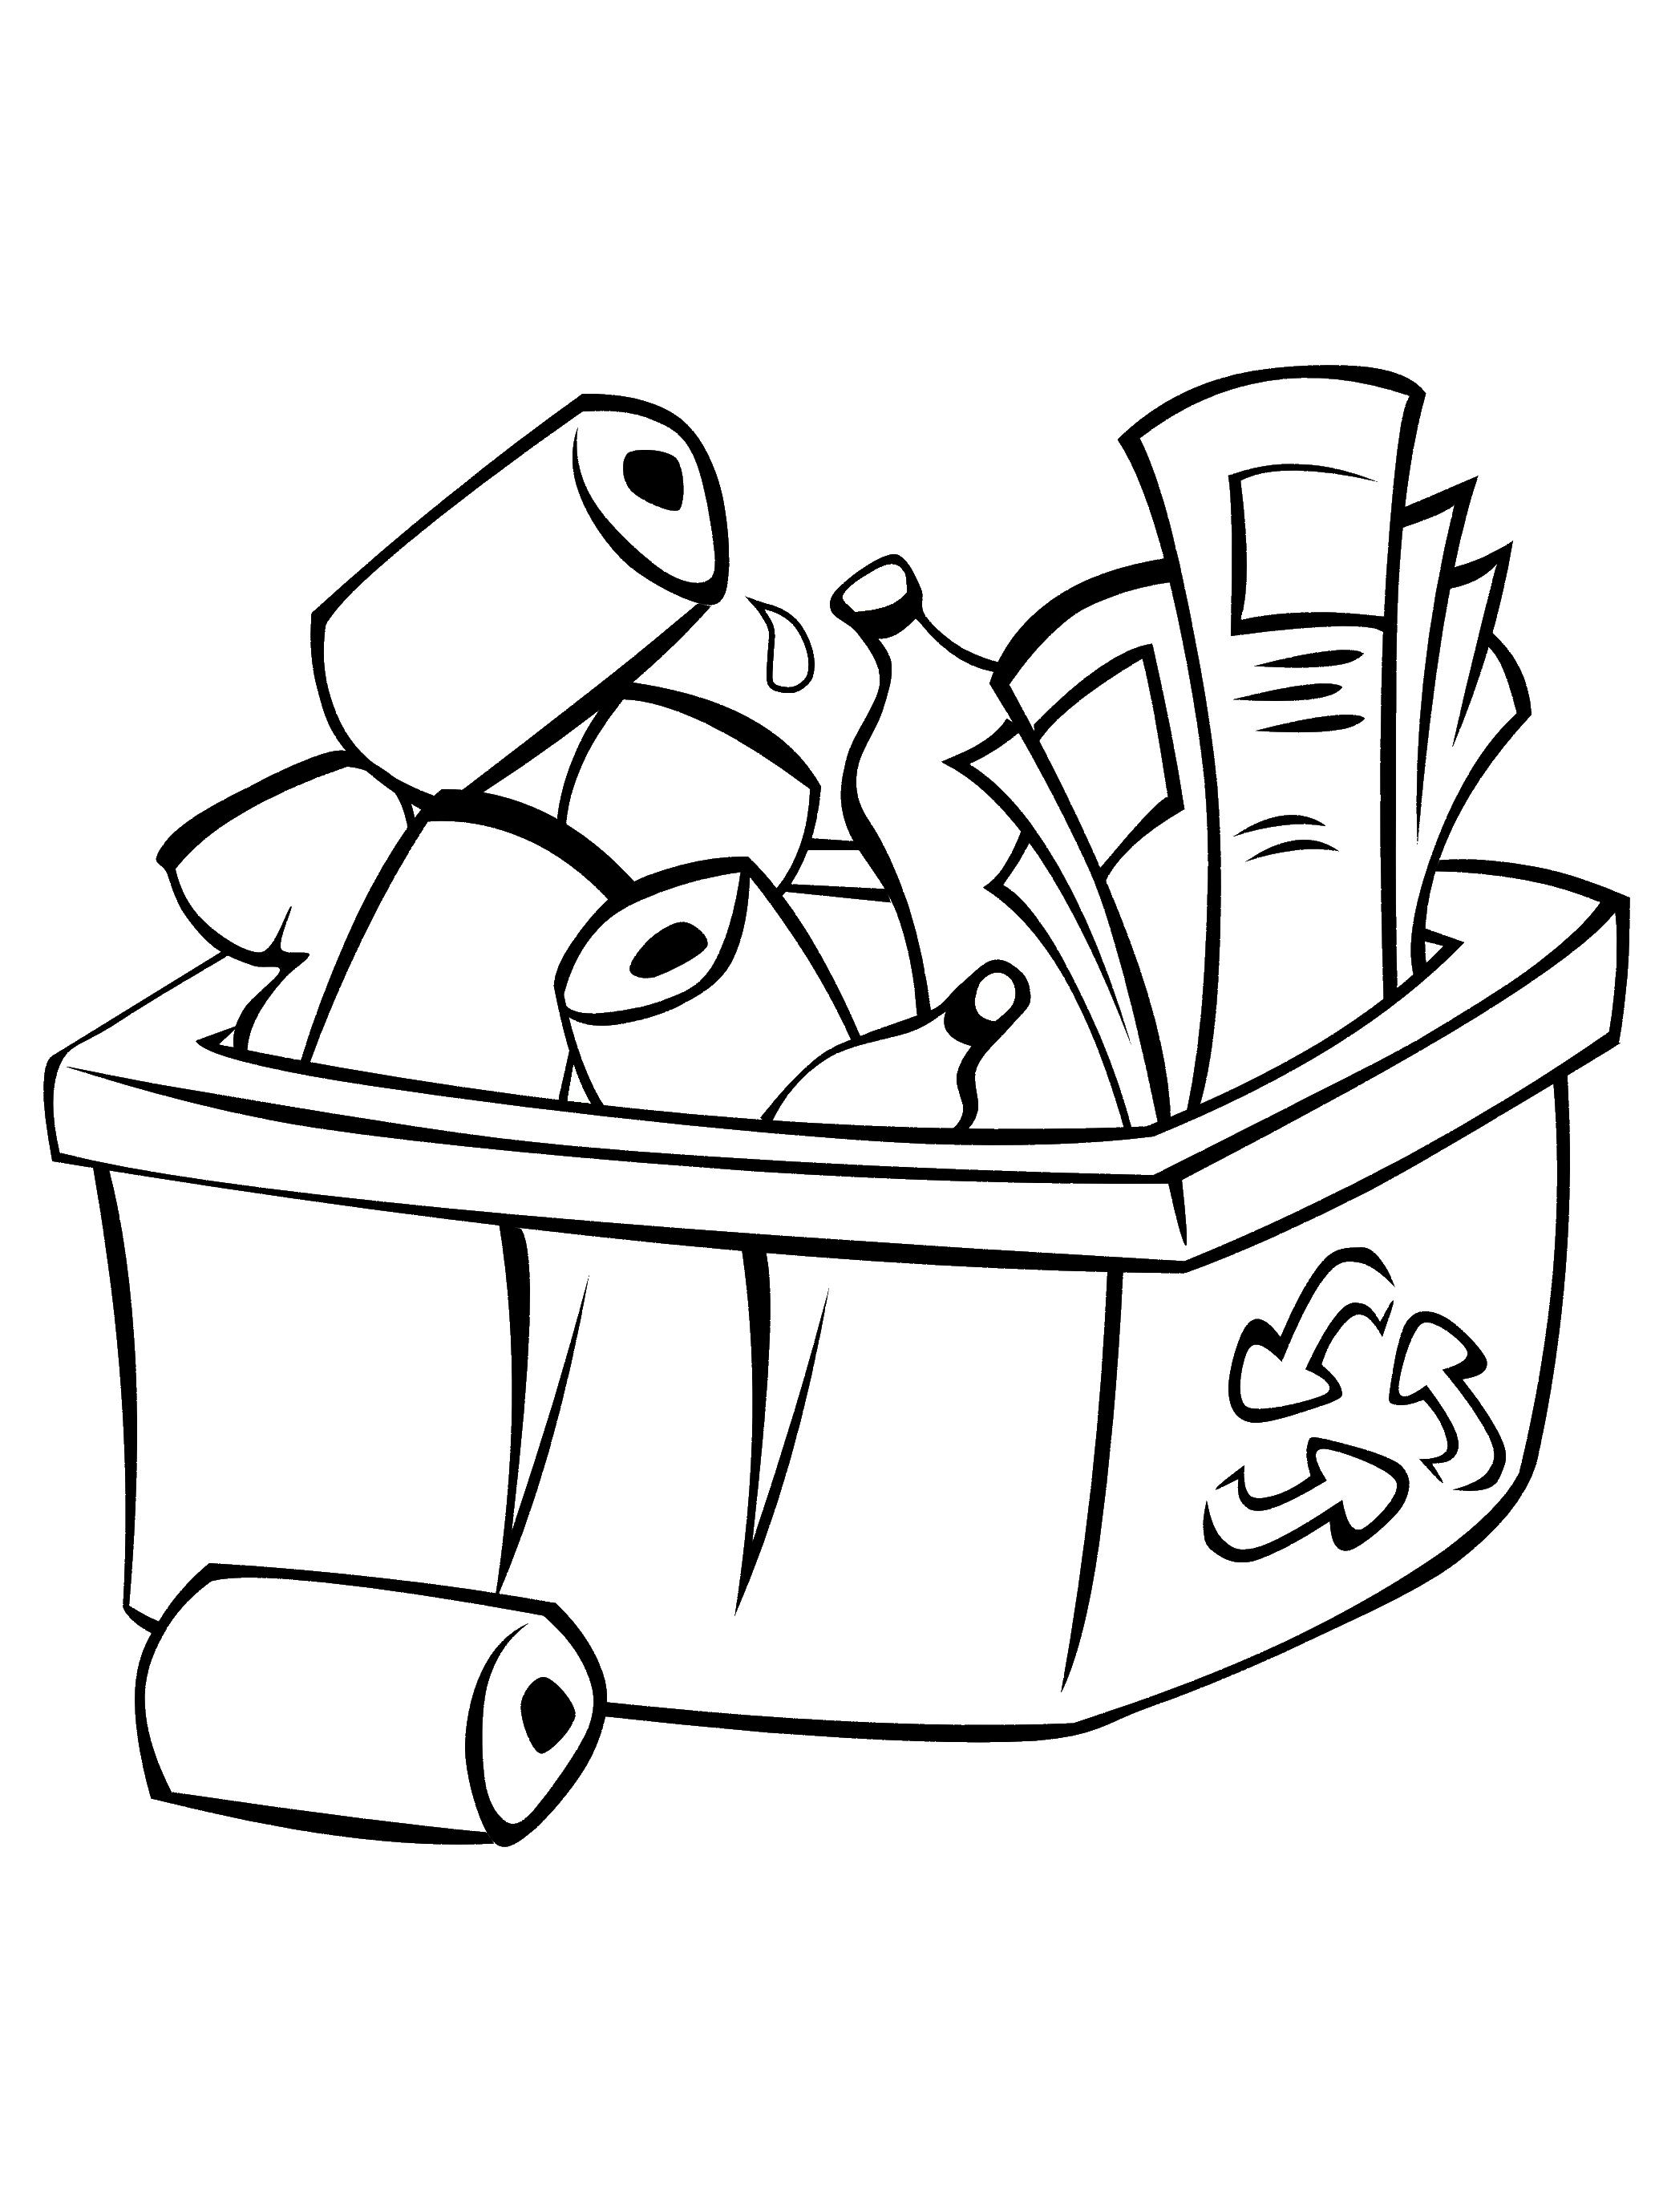 Beau Dessin à Colorier De Trash Pack